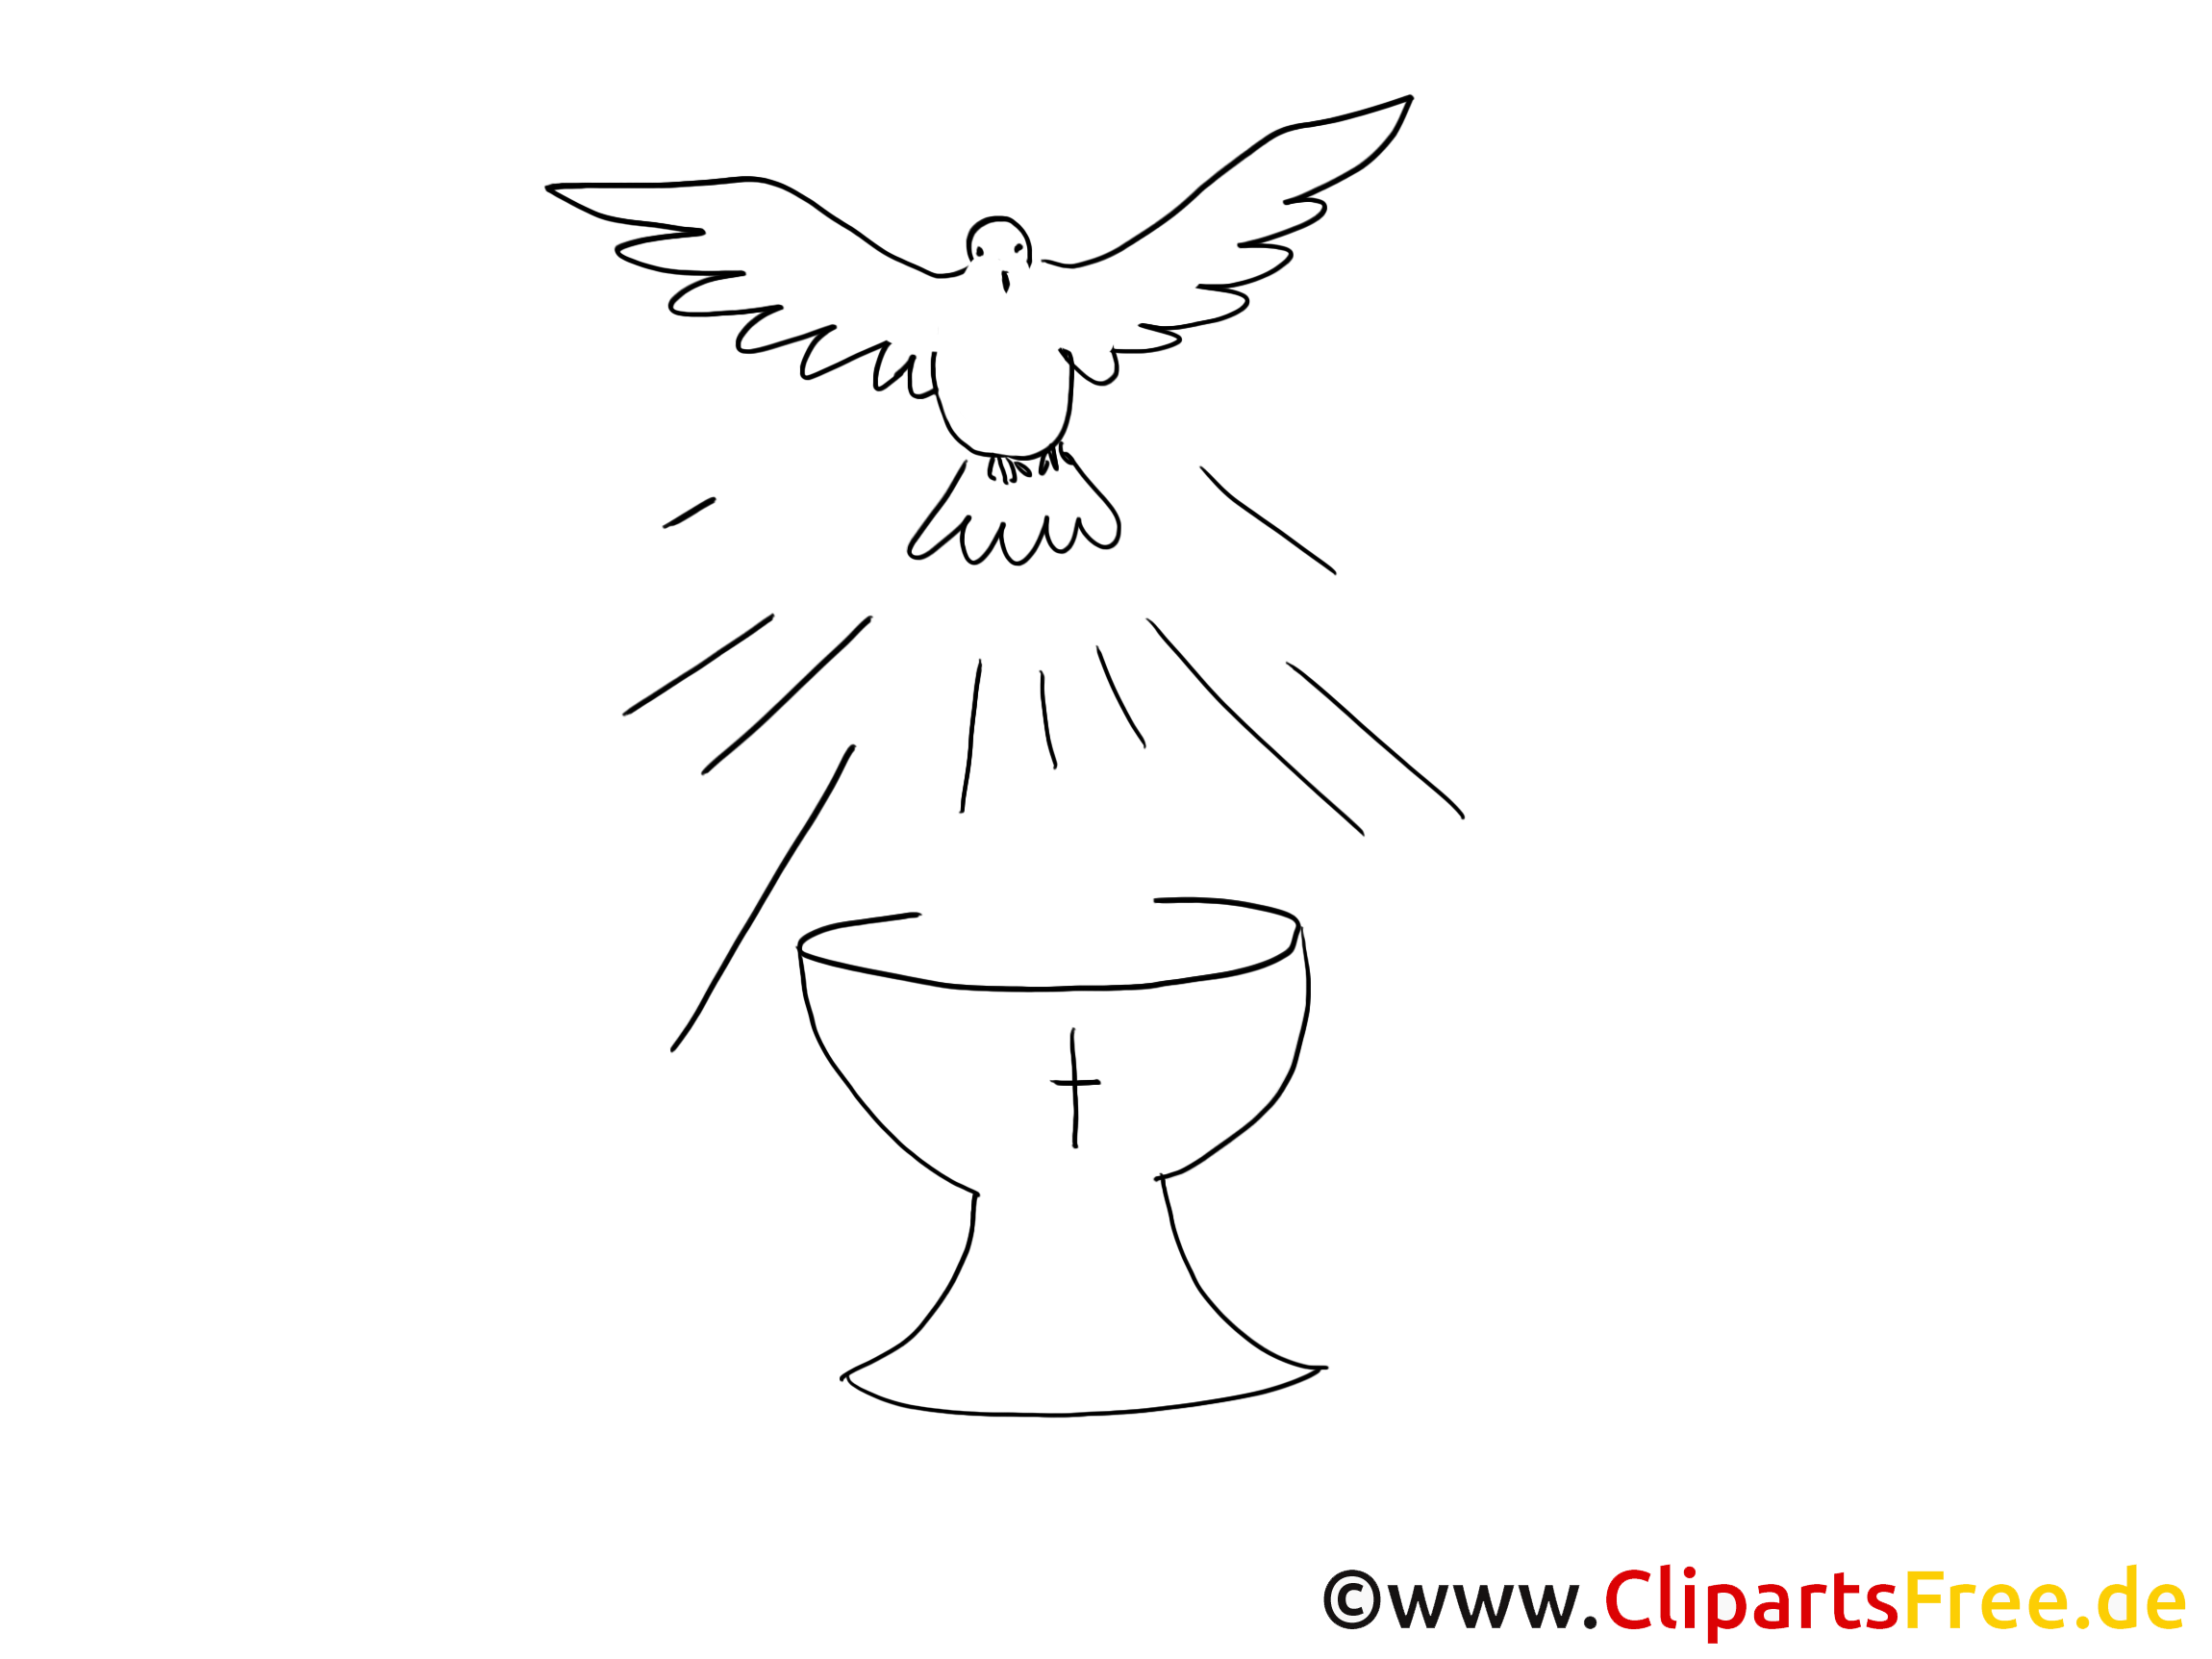 Dessins gratuits colombe bapt me colorier bapt me - Dessin de colombe a imprimer ...